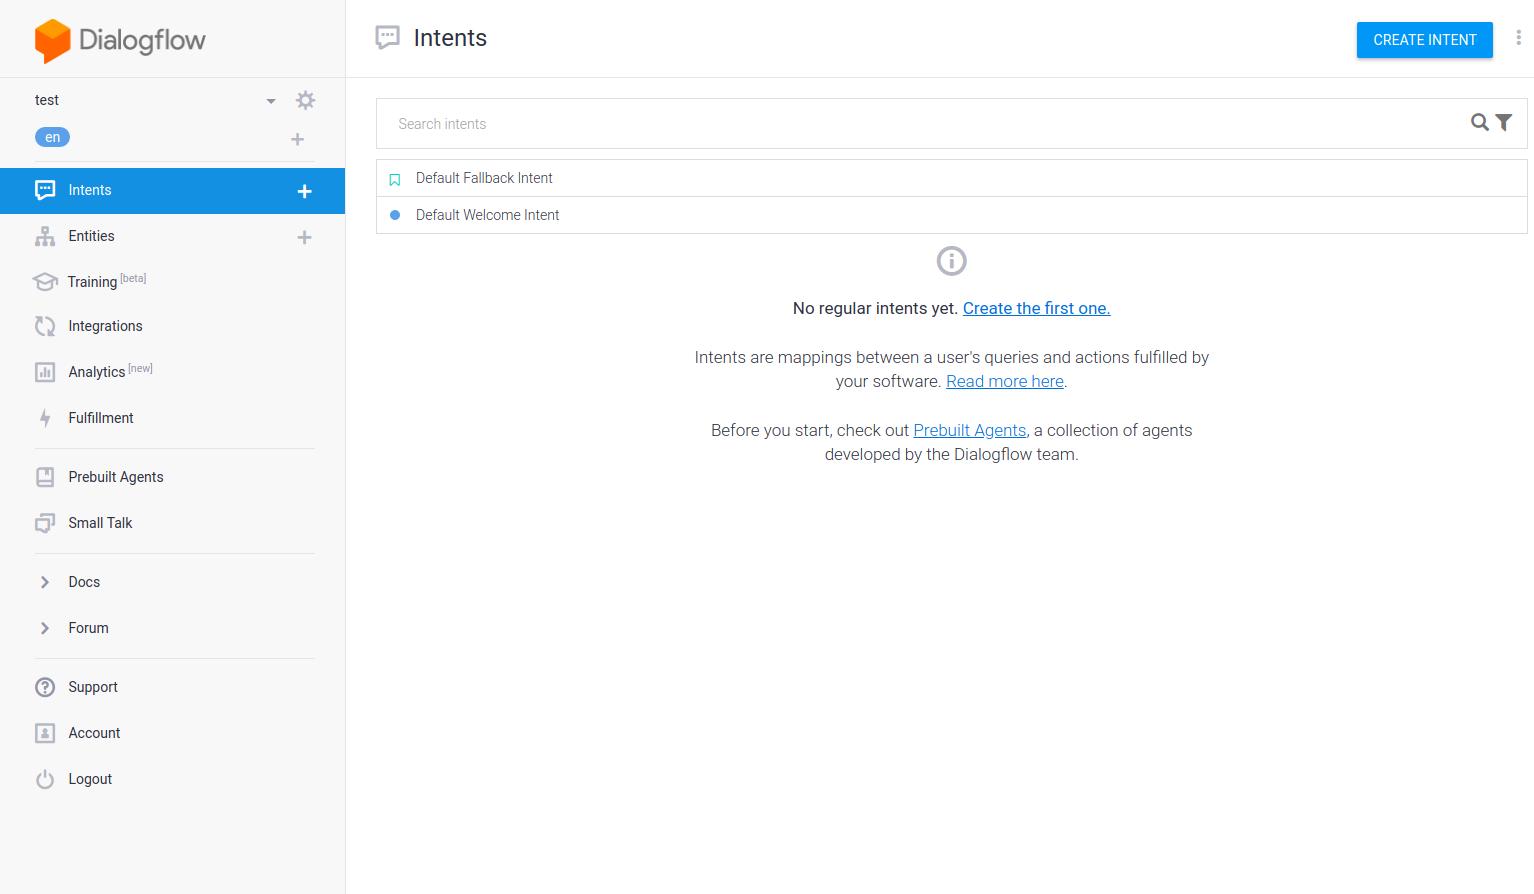 Google Assistant - Dialogflow